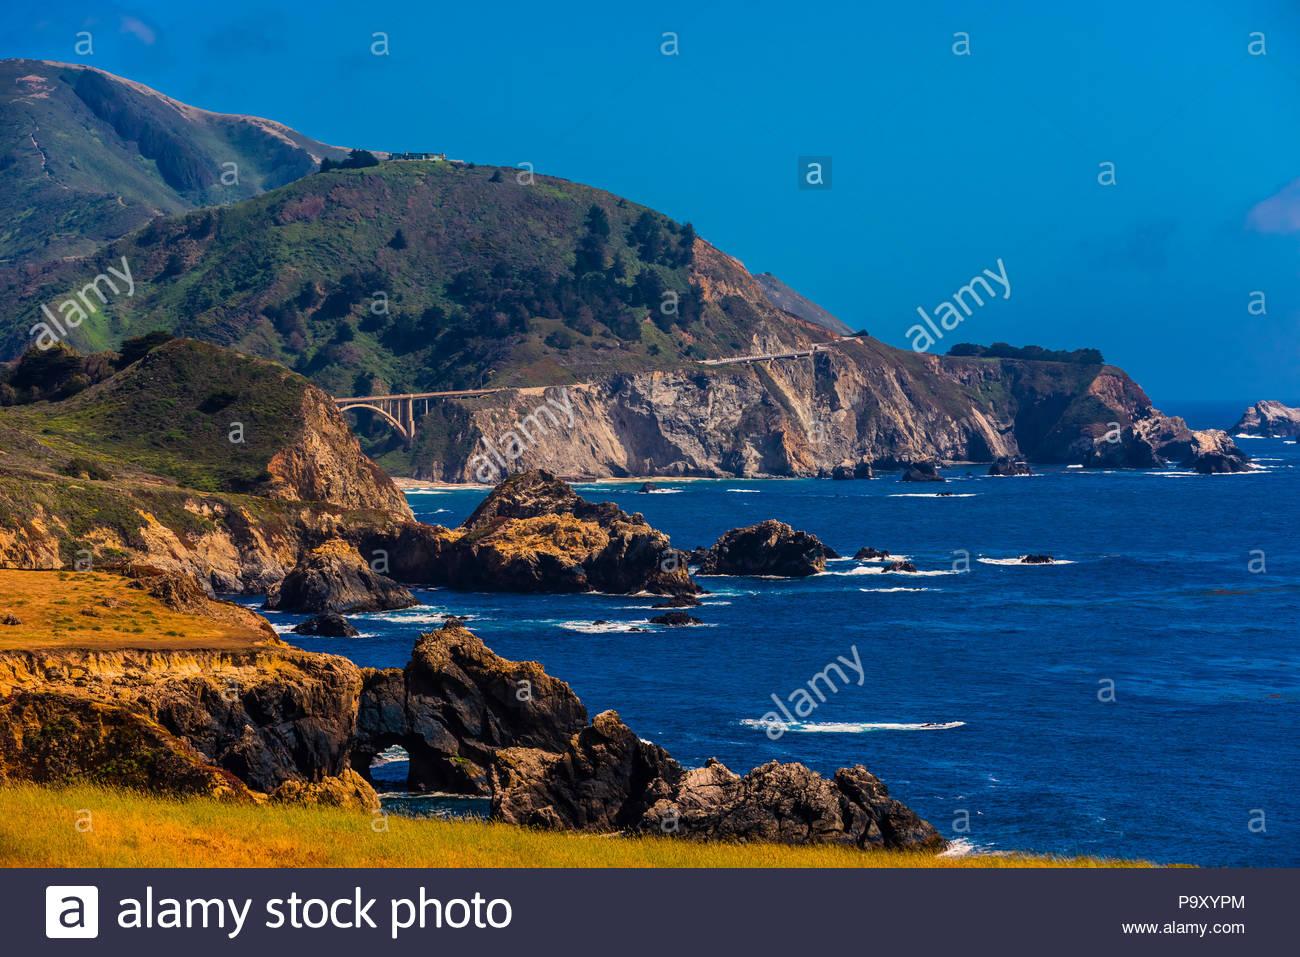 Vista de la costa de Big Sur, desde Notleys aterrizaje, entre Carmel Highlands y Big Sur, el Condado de Monterey, California. Imagen De Stock